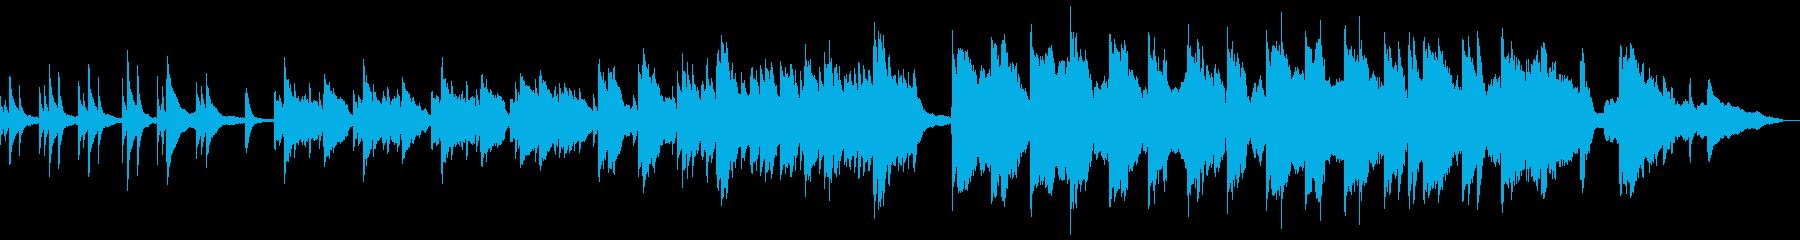 【劇伴】ピアノとフルートによる優しい曲の再生済みの波形